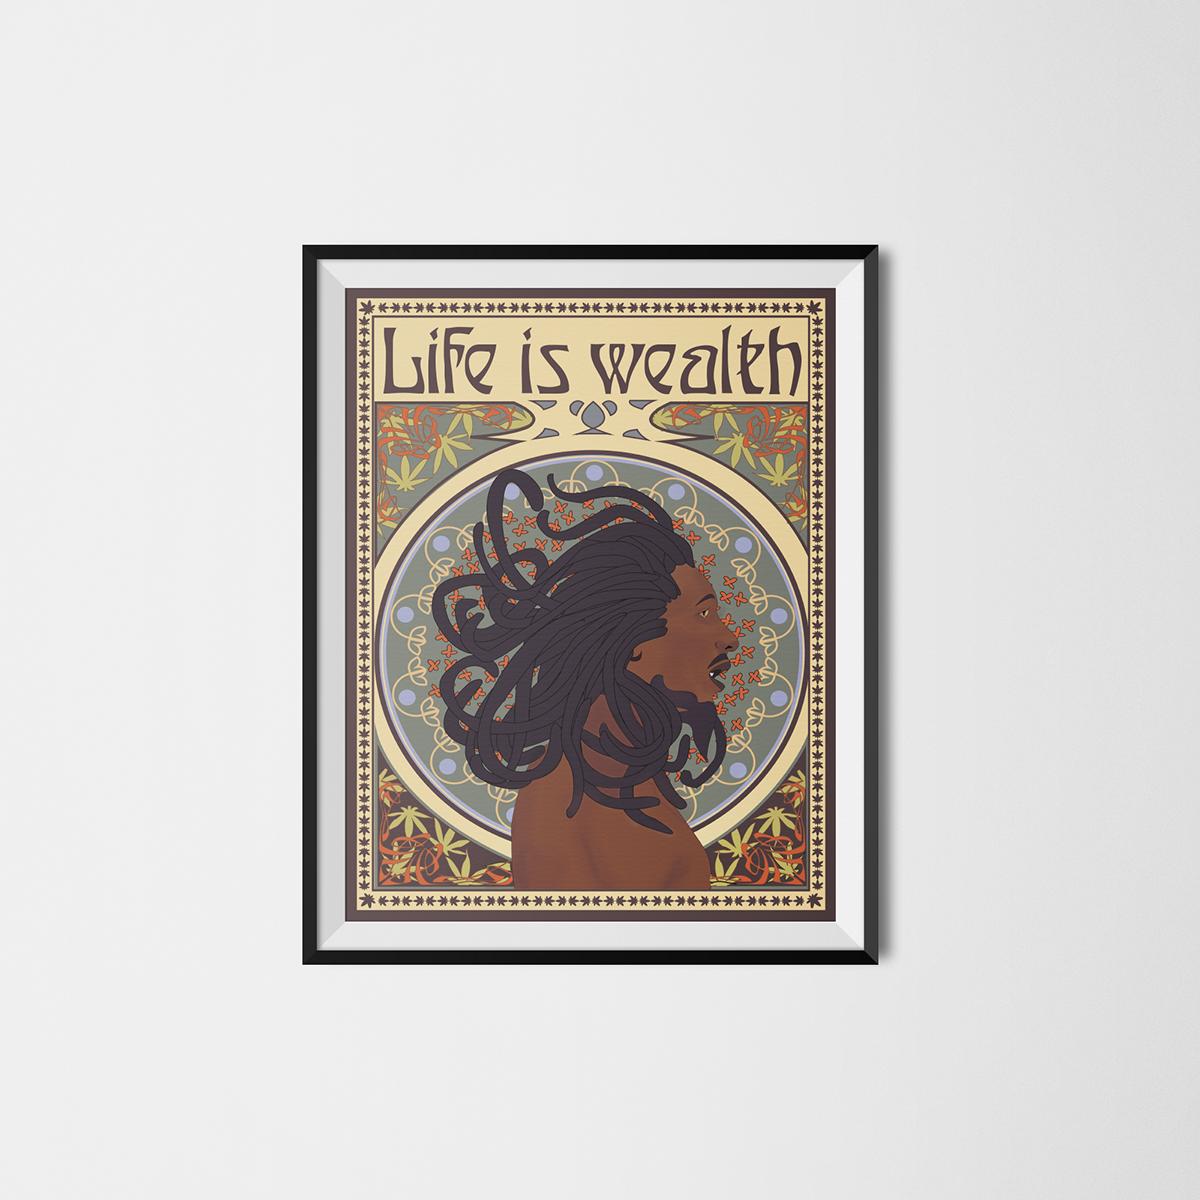 graphisme Infographie culture graphique heaj esiaj Bob Marley art deco art nouveau objectivité informative dadaïsme bauhaus psychédélisme Typo objective Futurisme weed